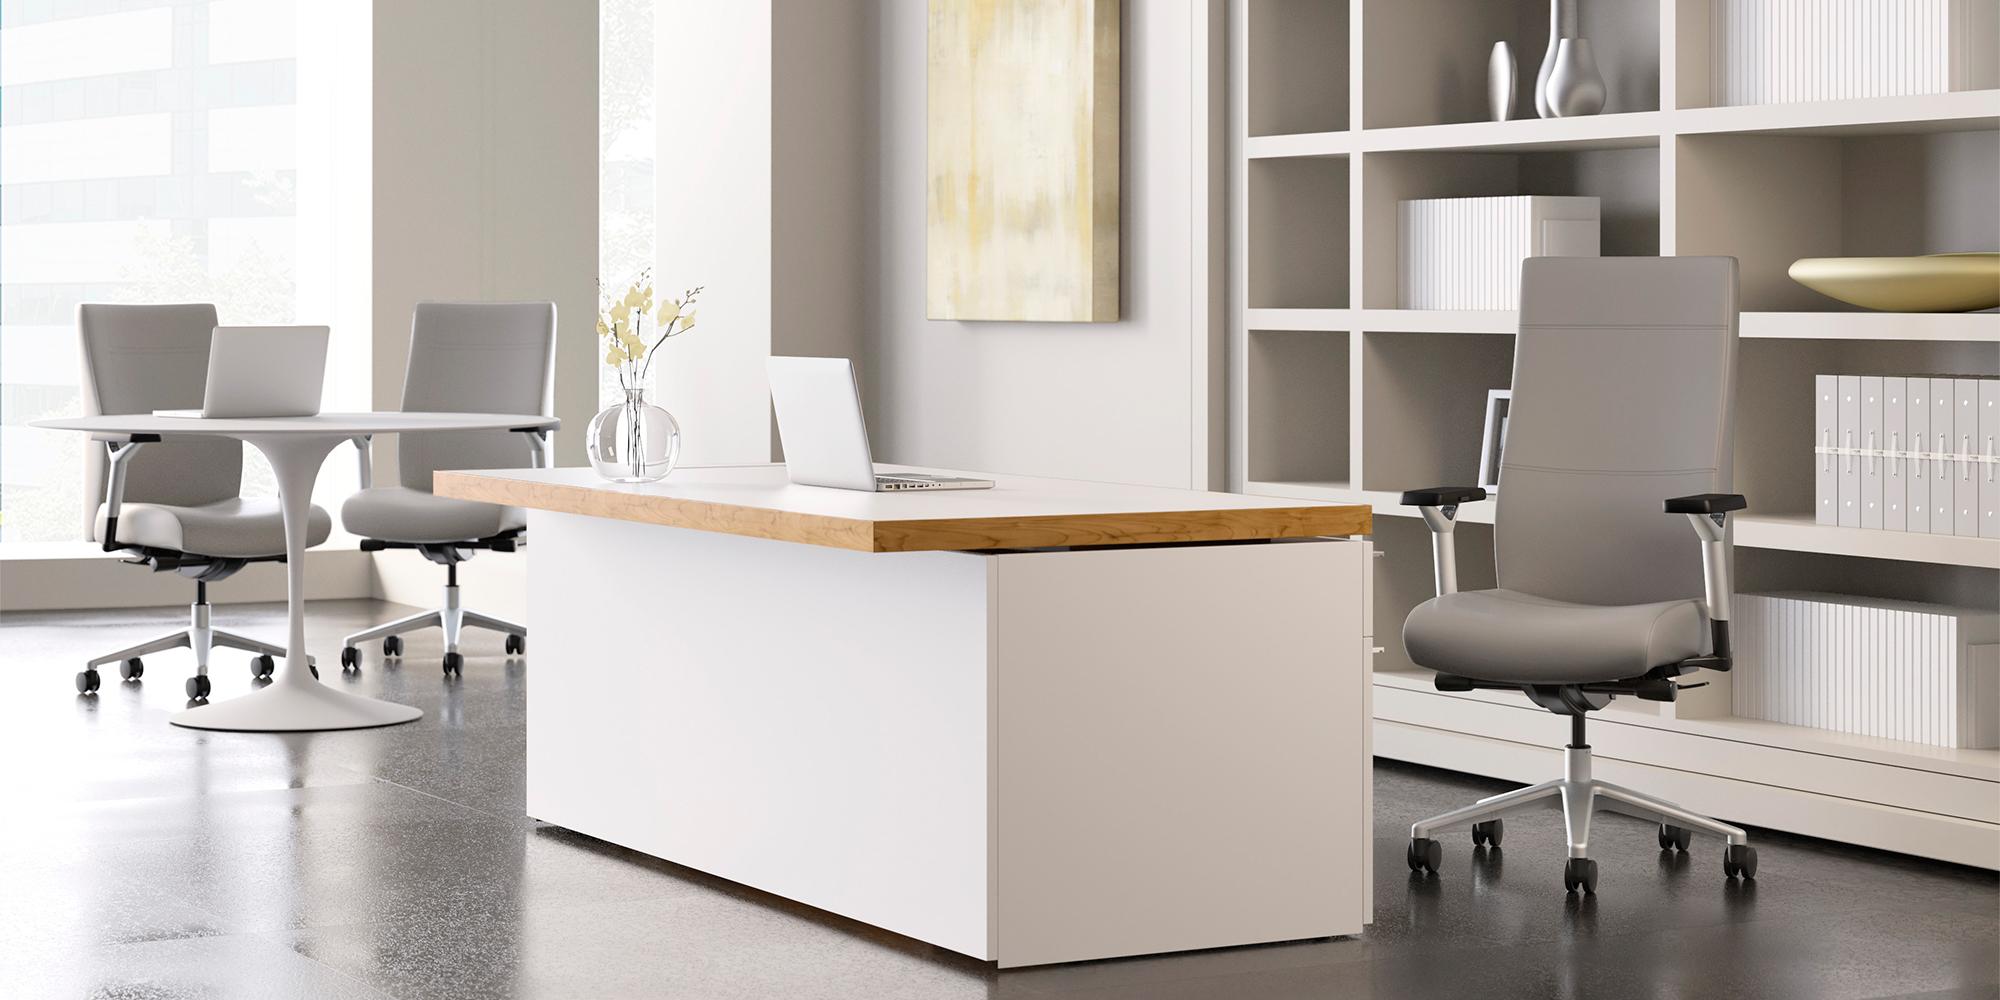 prava_open_office_side_table_environment.jpg